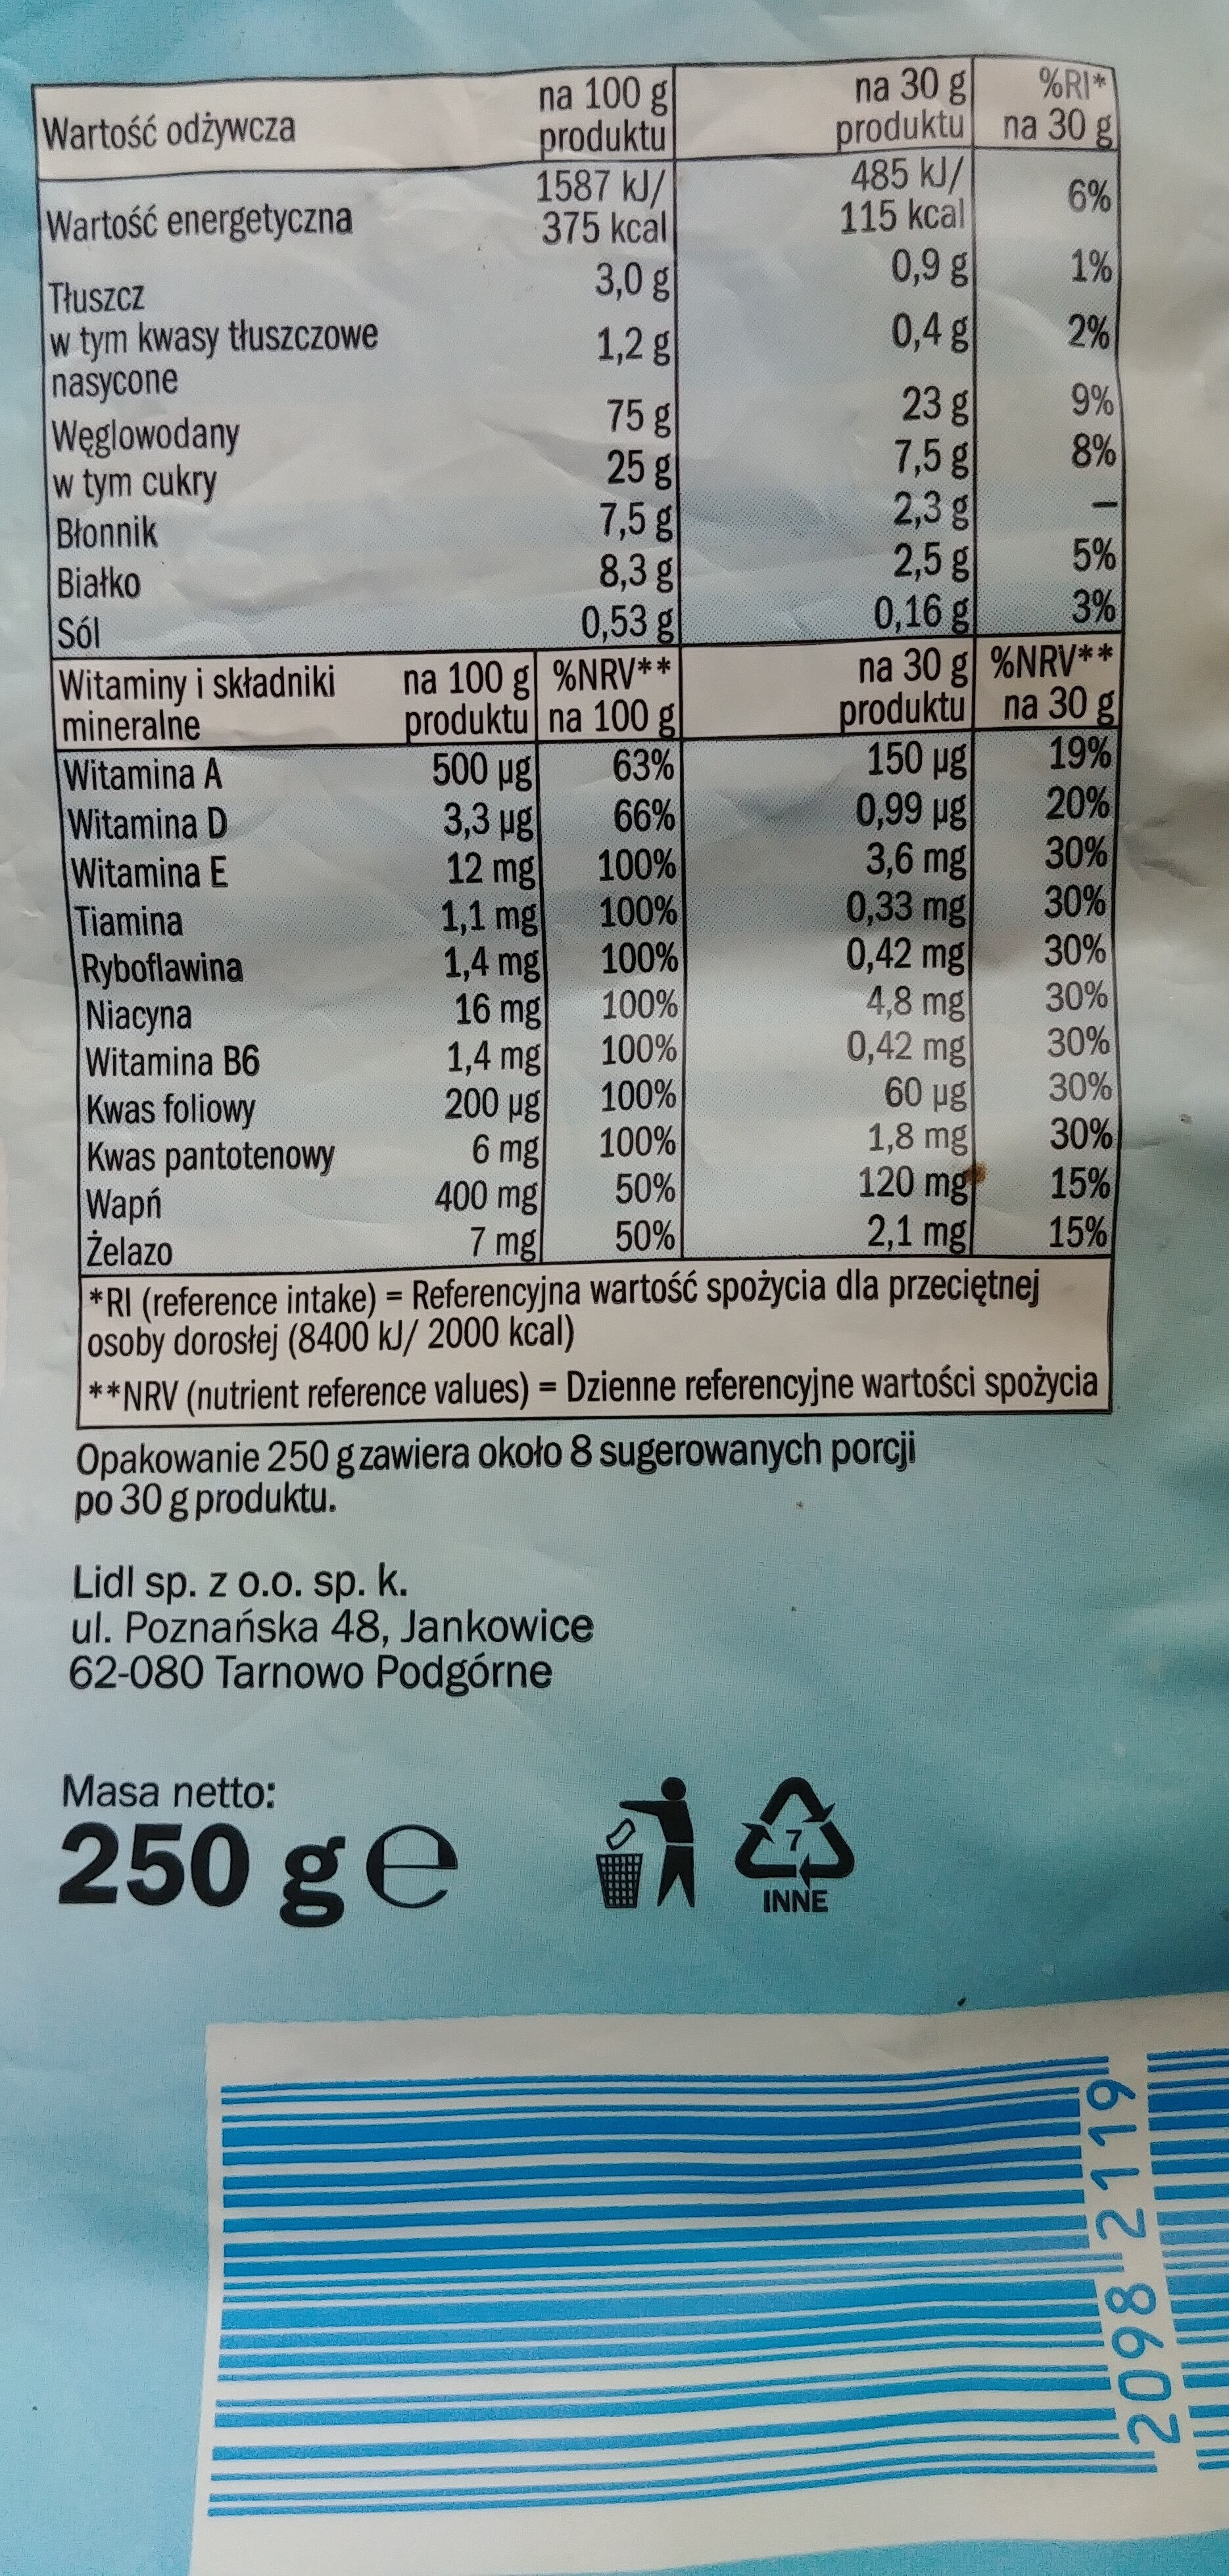 Płatki zbożowe w kształcie ciasteczek o smaku czekoladowym wzbogacone w 9 witamin, wapń i żelazo. - Nutrition facts